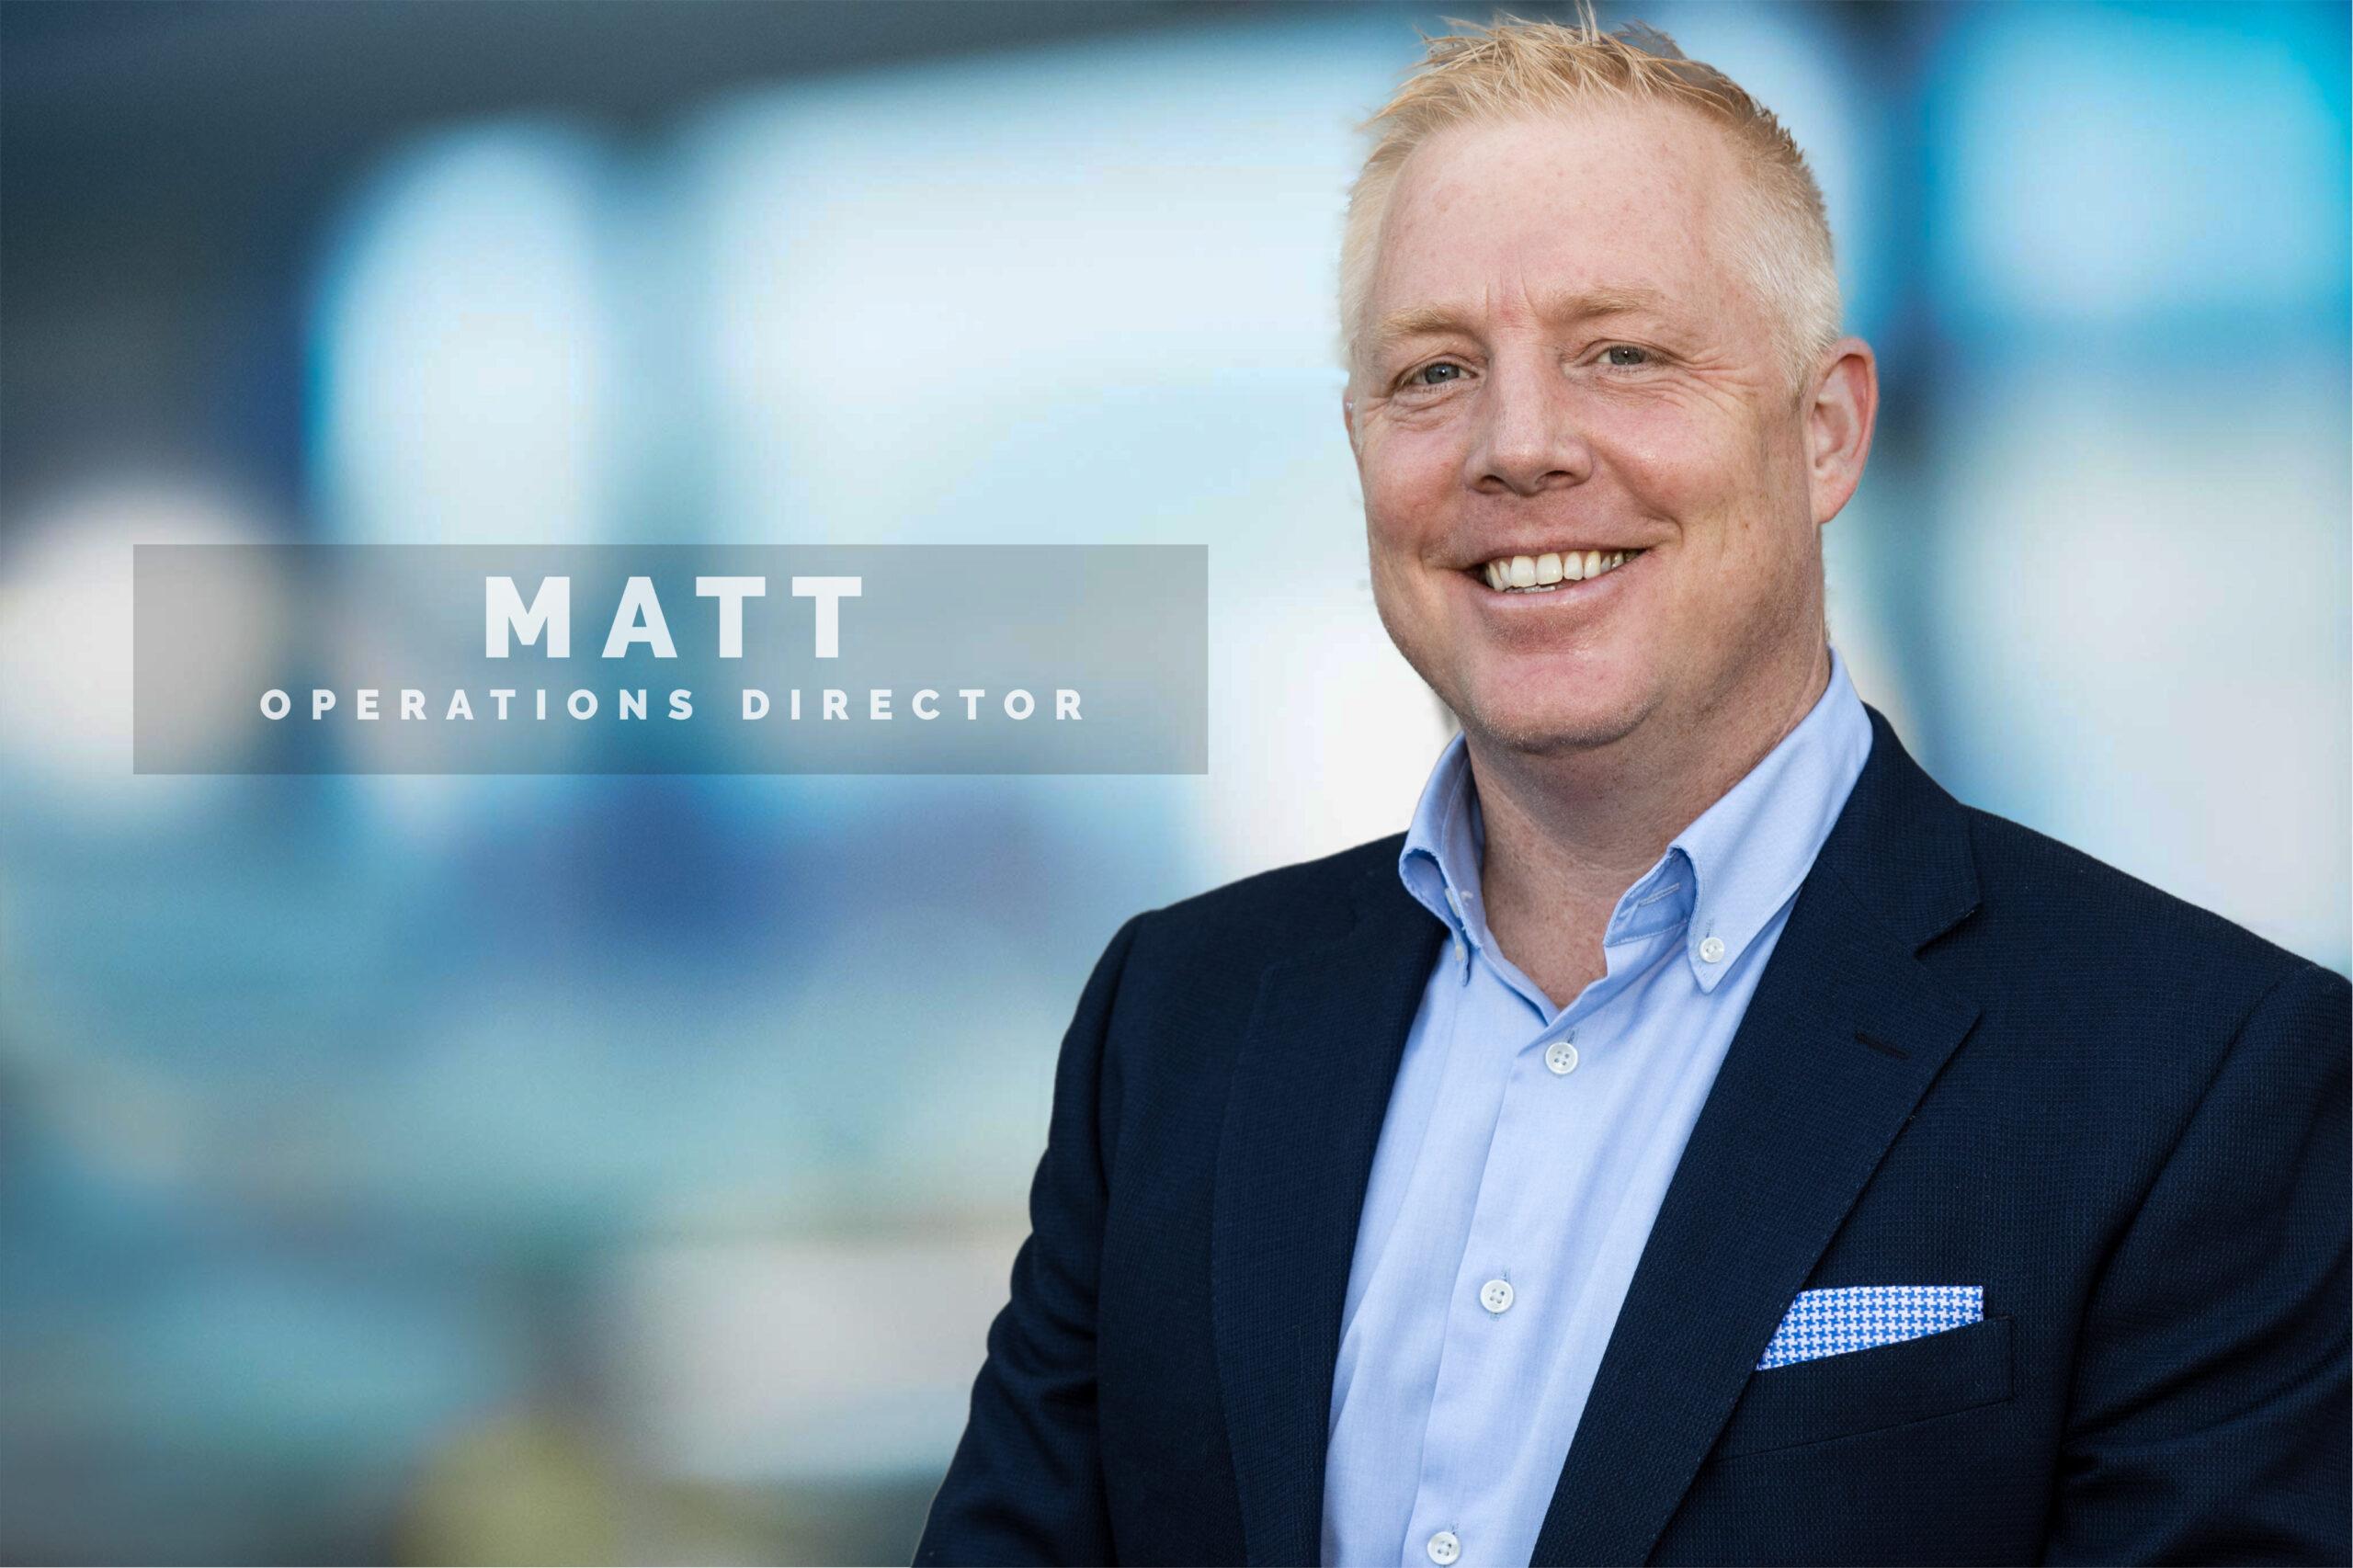 Matt - Operations Director